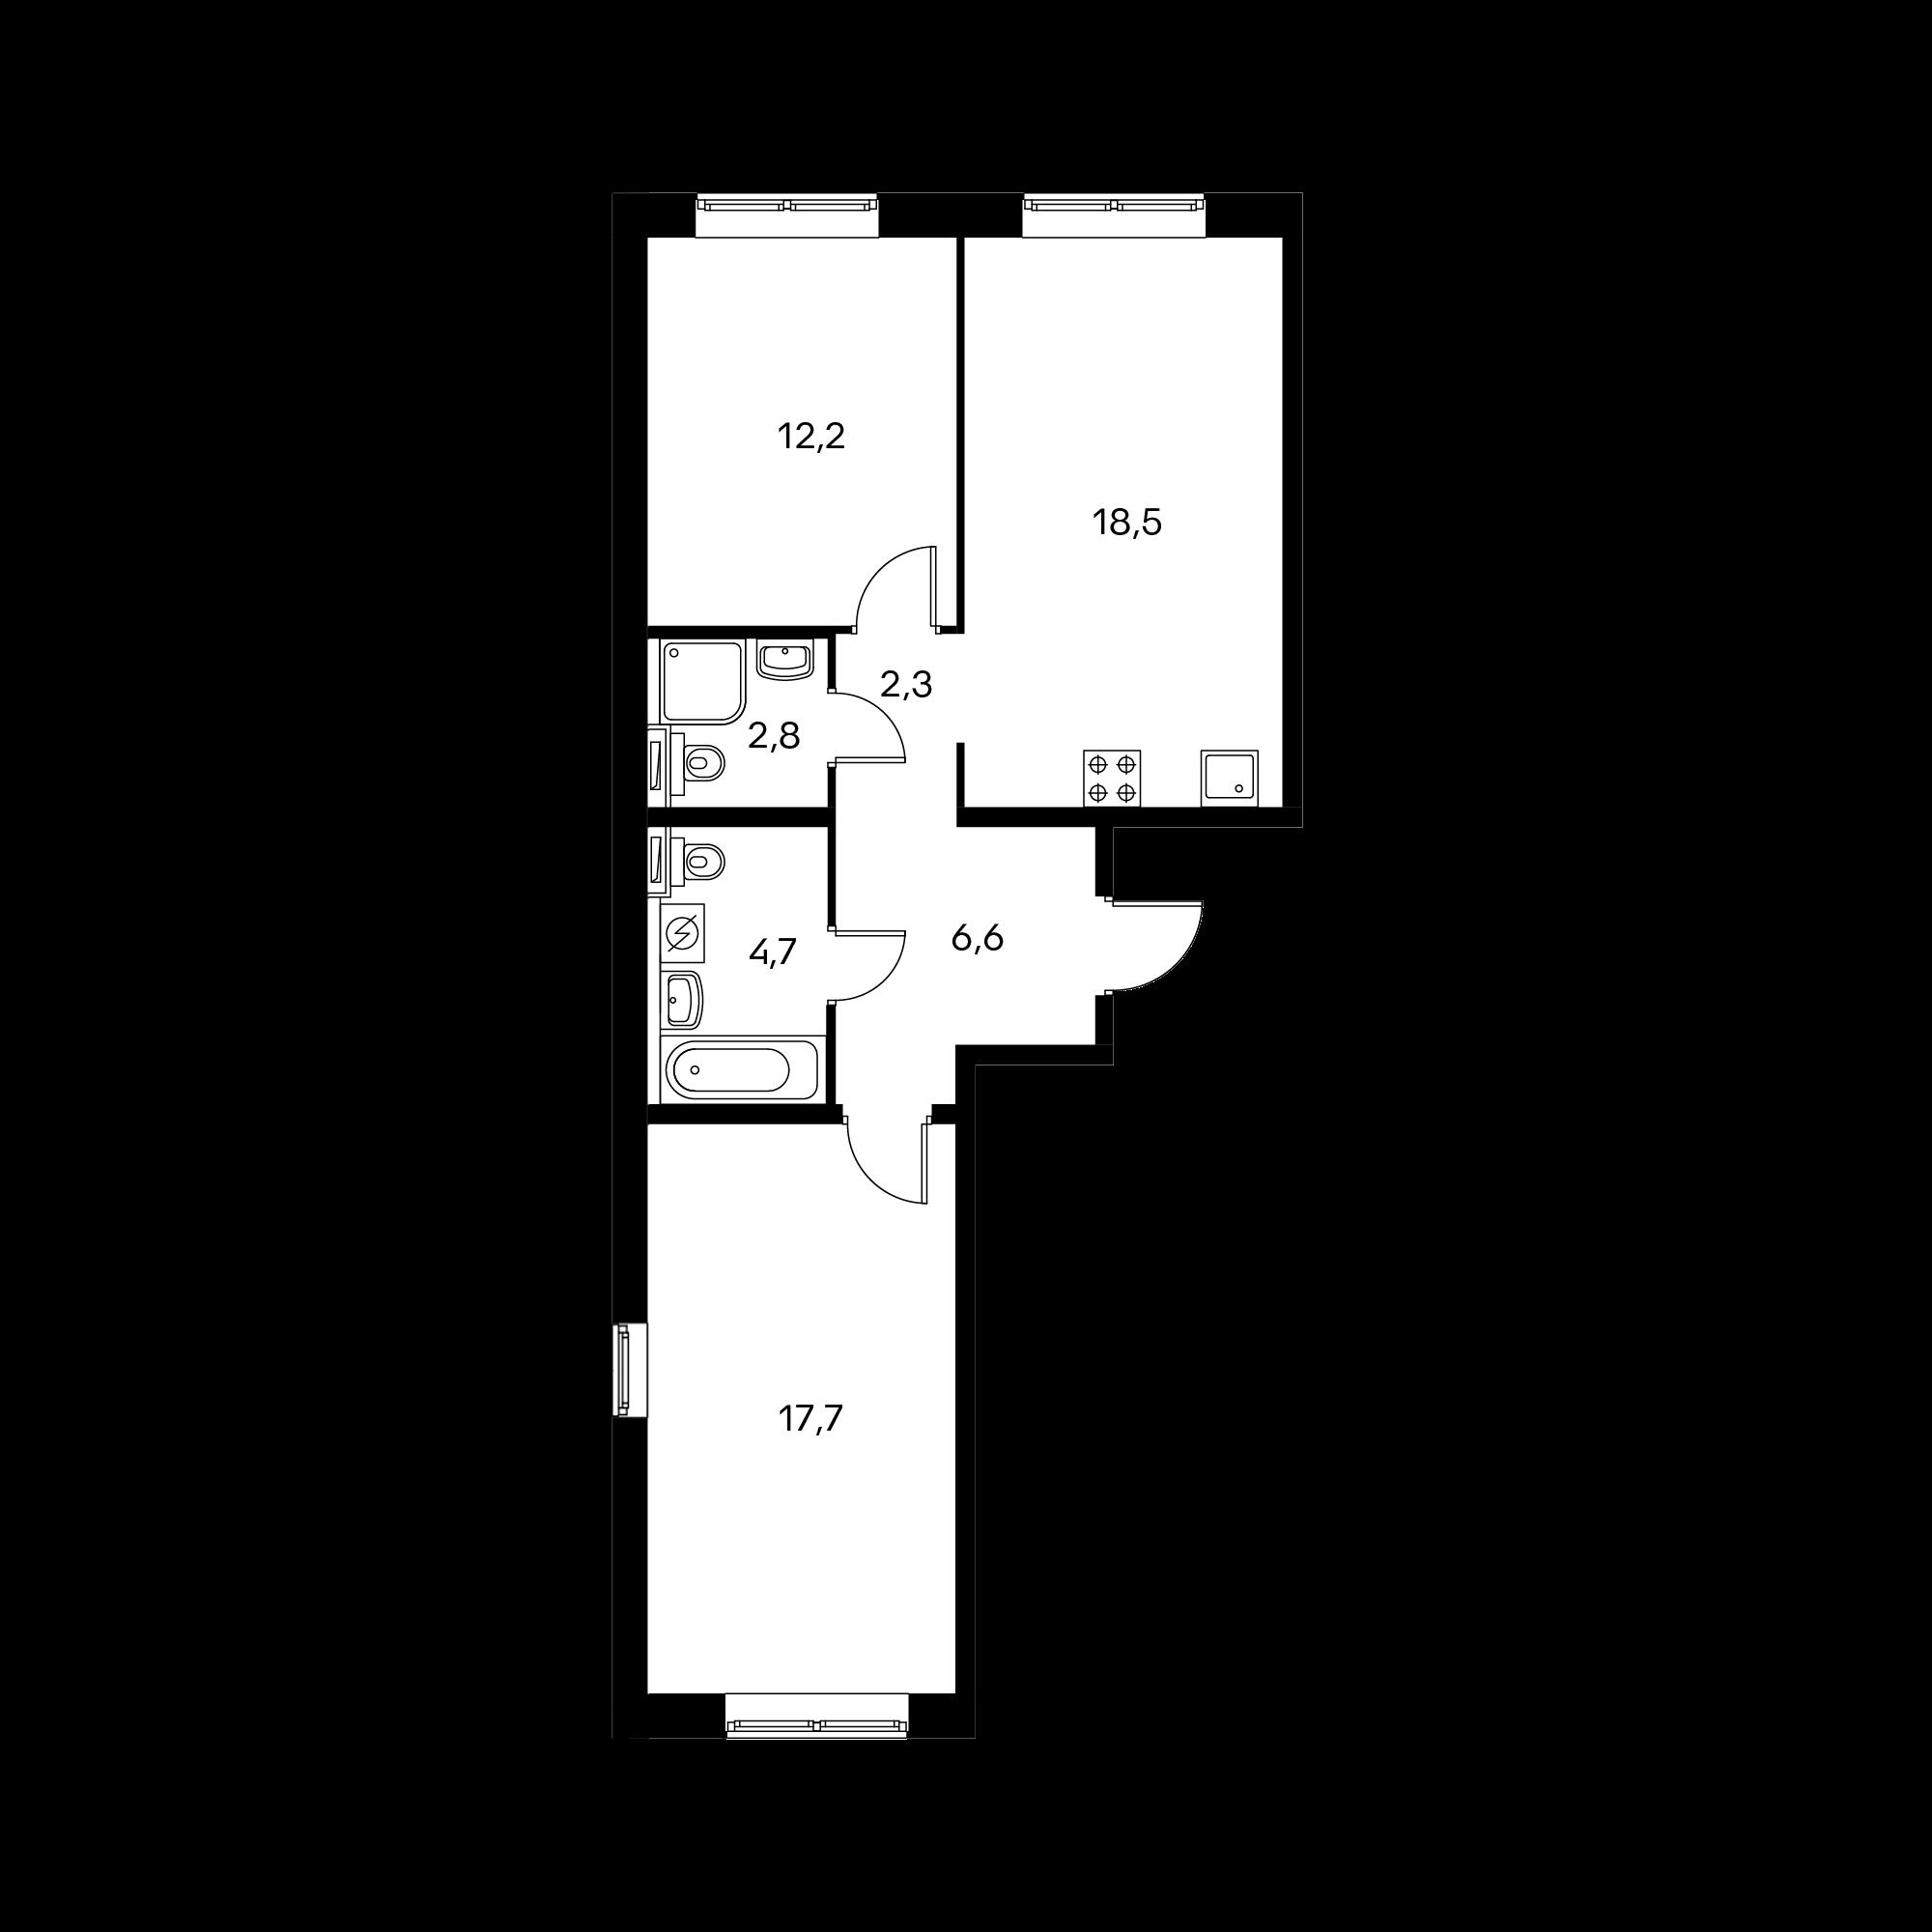 2EL3_6.6-1SZT*